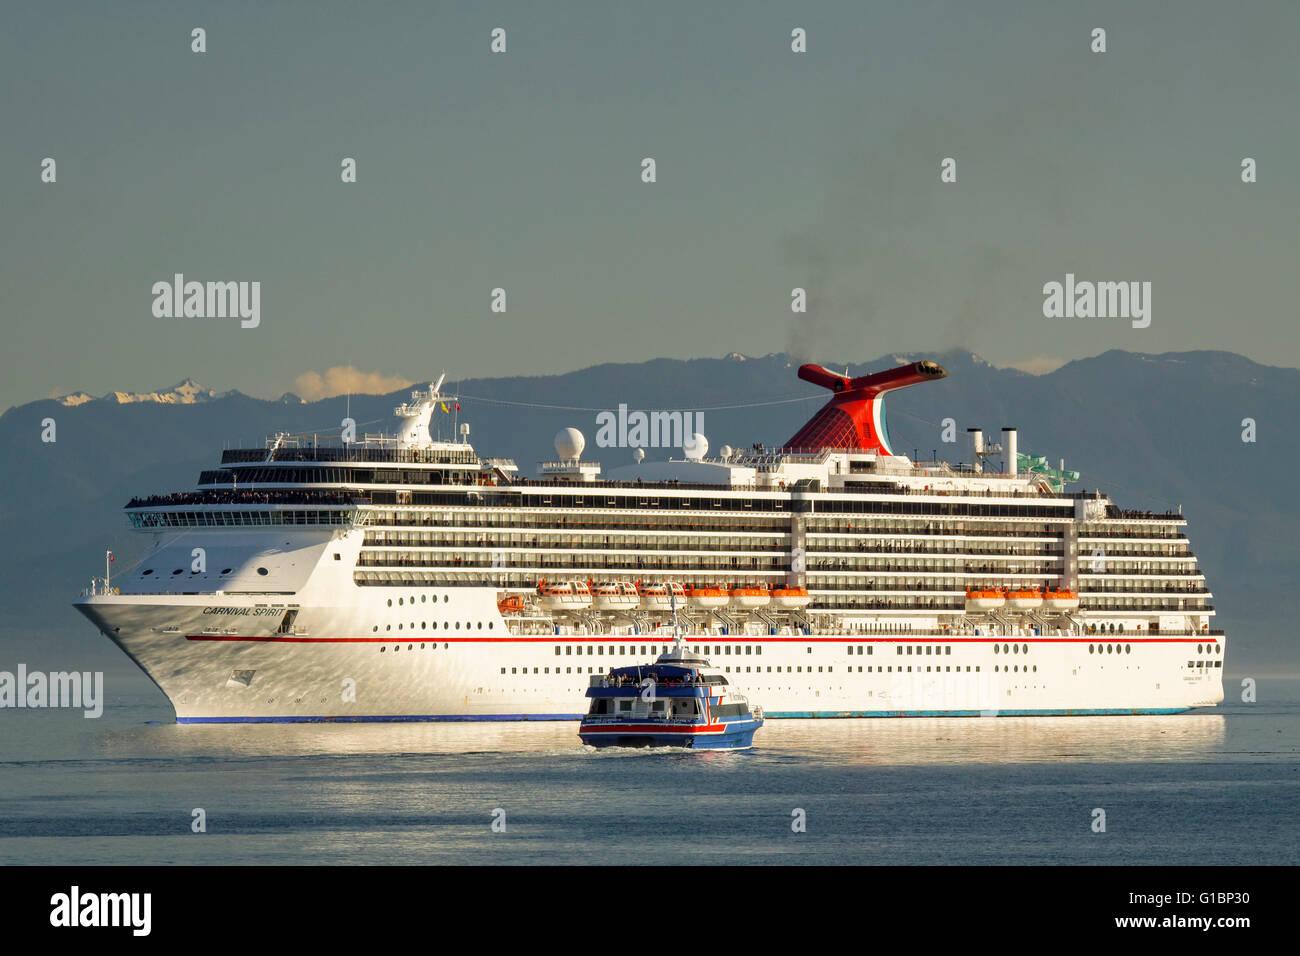 Victoria Clipper ferry and Carnival Spirit cruise ship in Juan de Fuca Strait-Victoria, British Columbia, Canada. Stock Photo